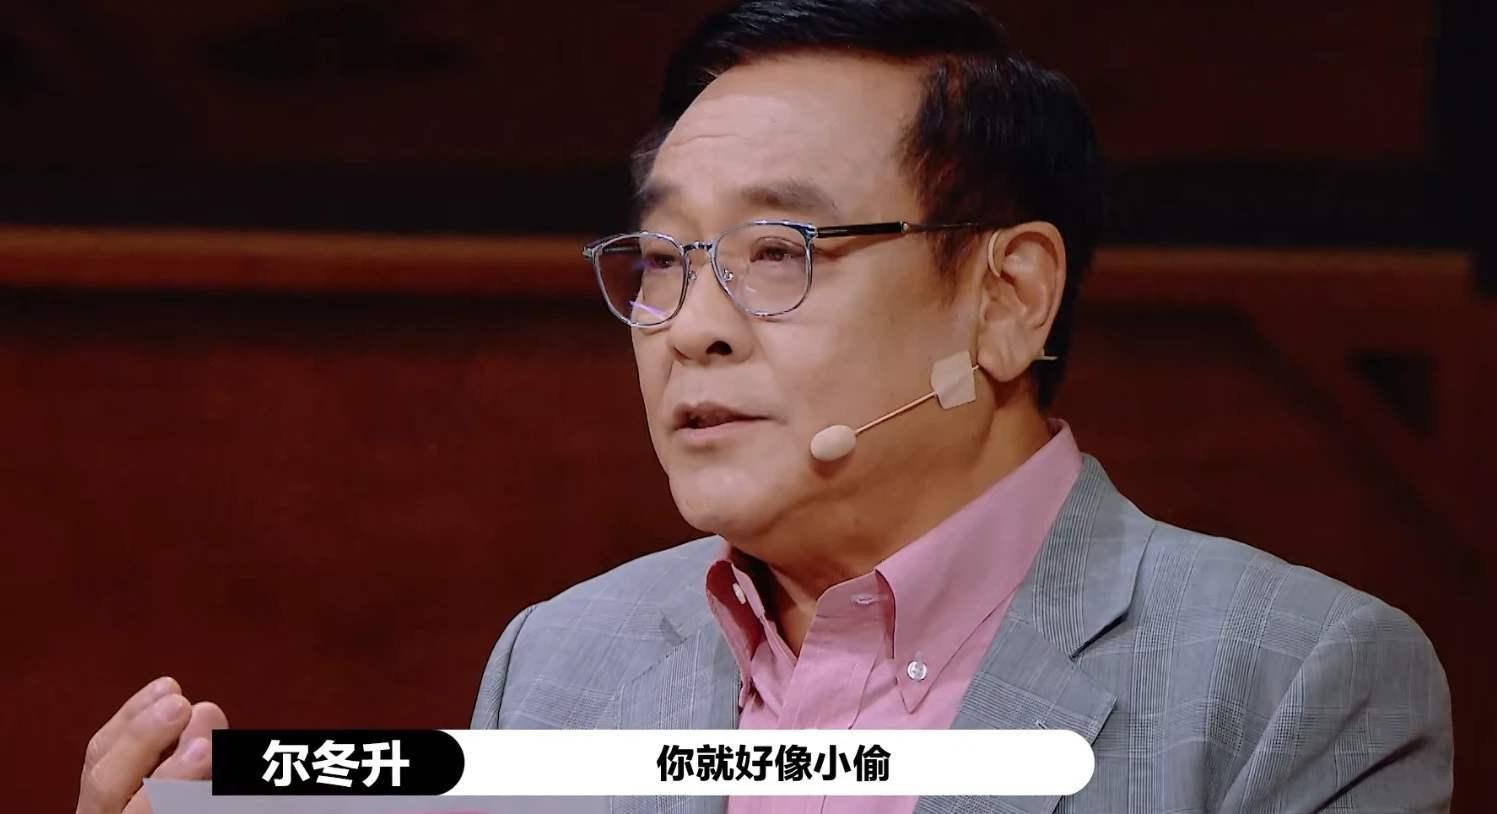 《演员请就位》重提陈凯歌旧伤疤,《无极》真是无可救药的烂片?